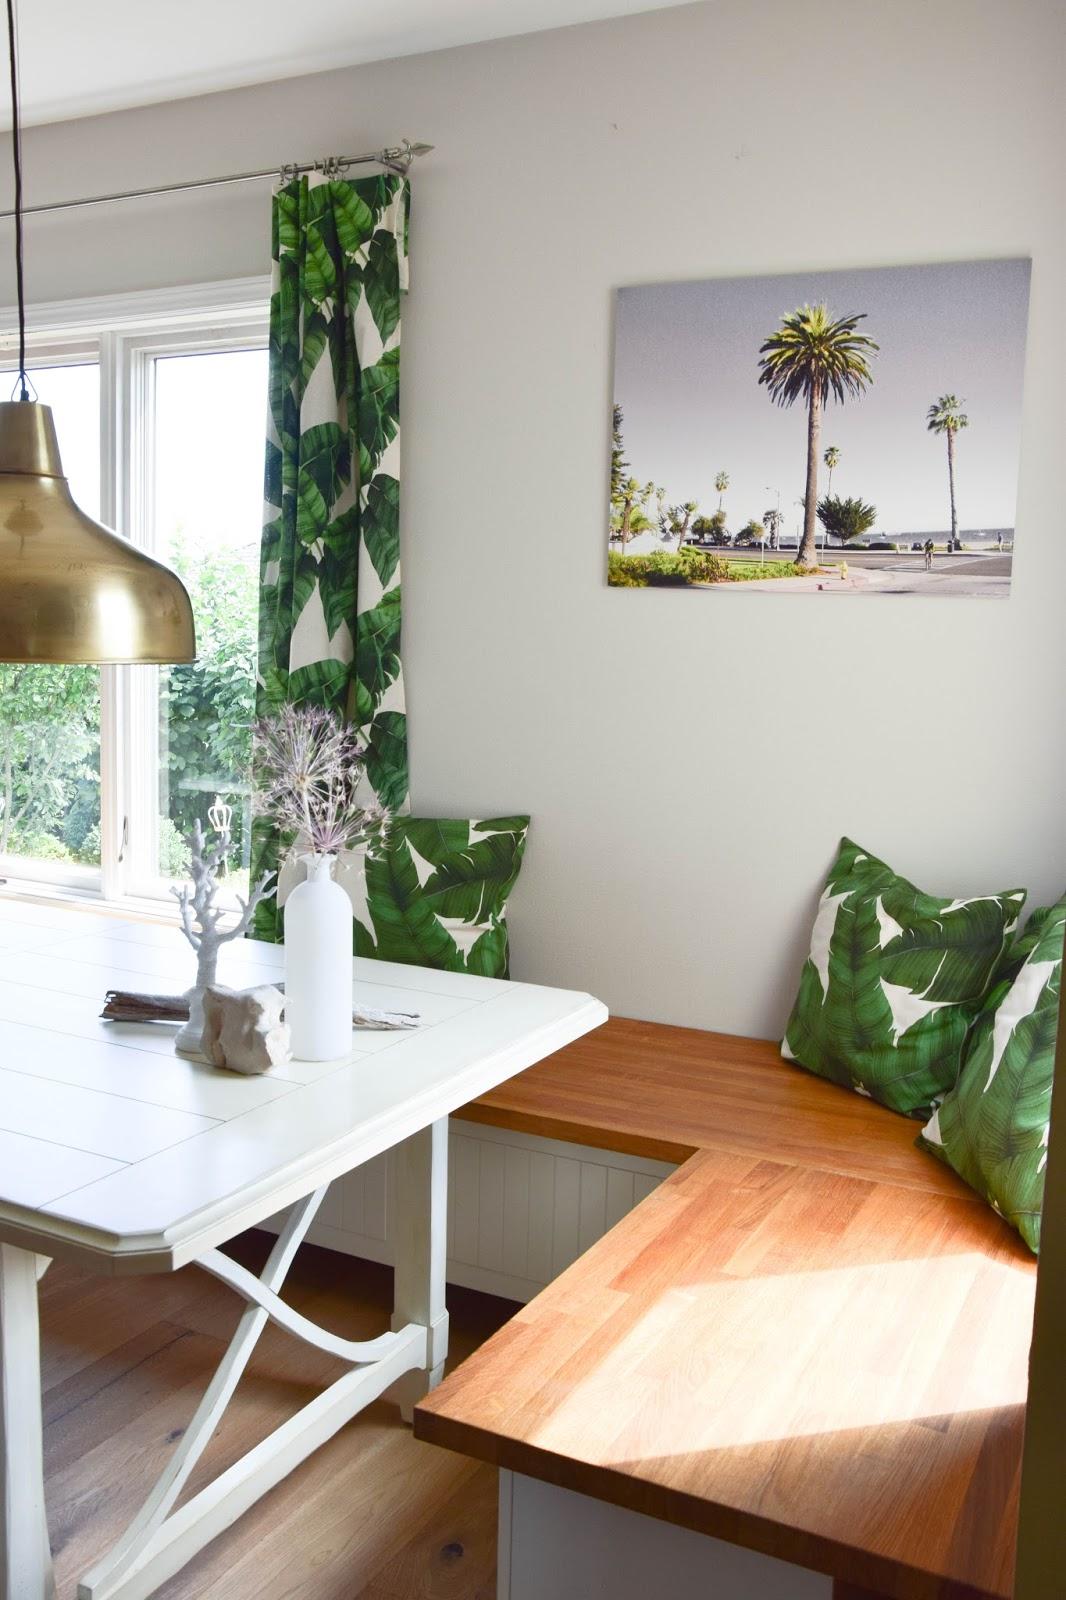 Wanddeko Für Das Esszimmer: Sommer, Palmen Und Tropical Feeling   Santa  Barbara